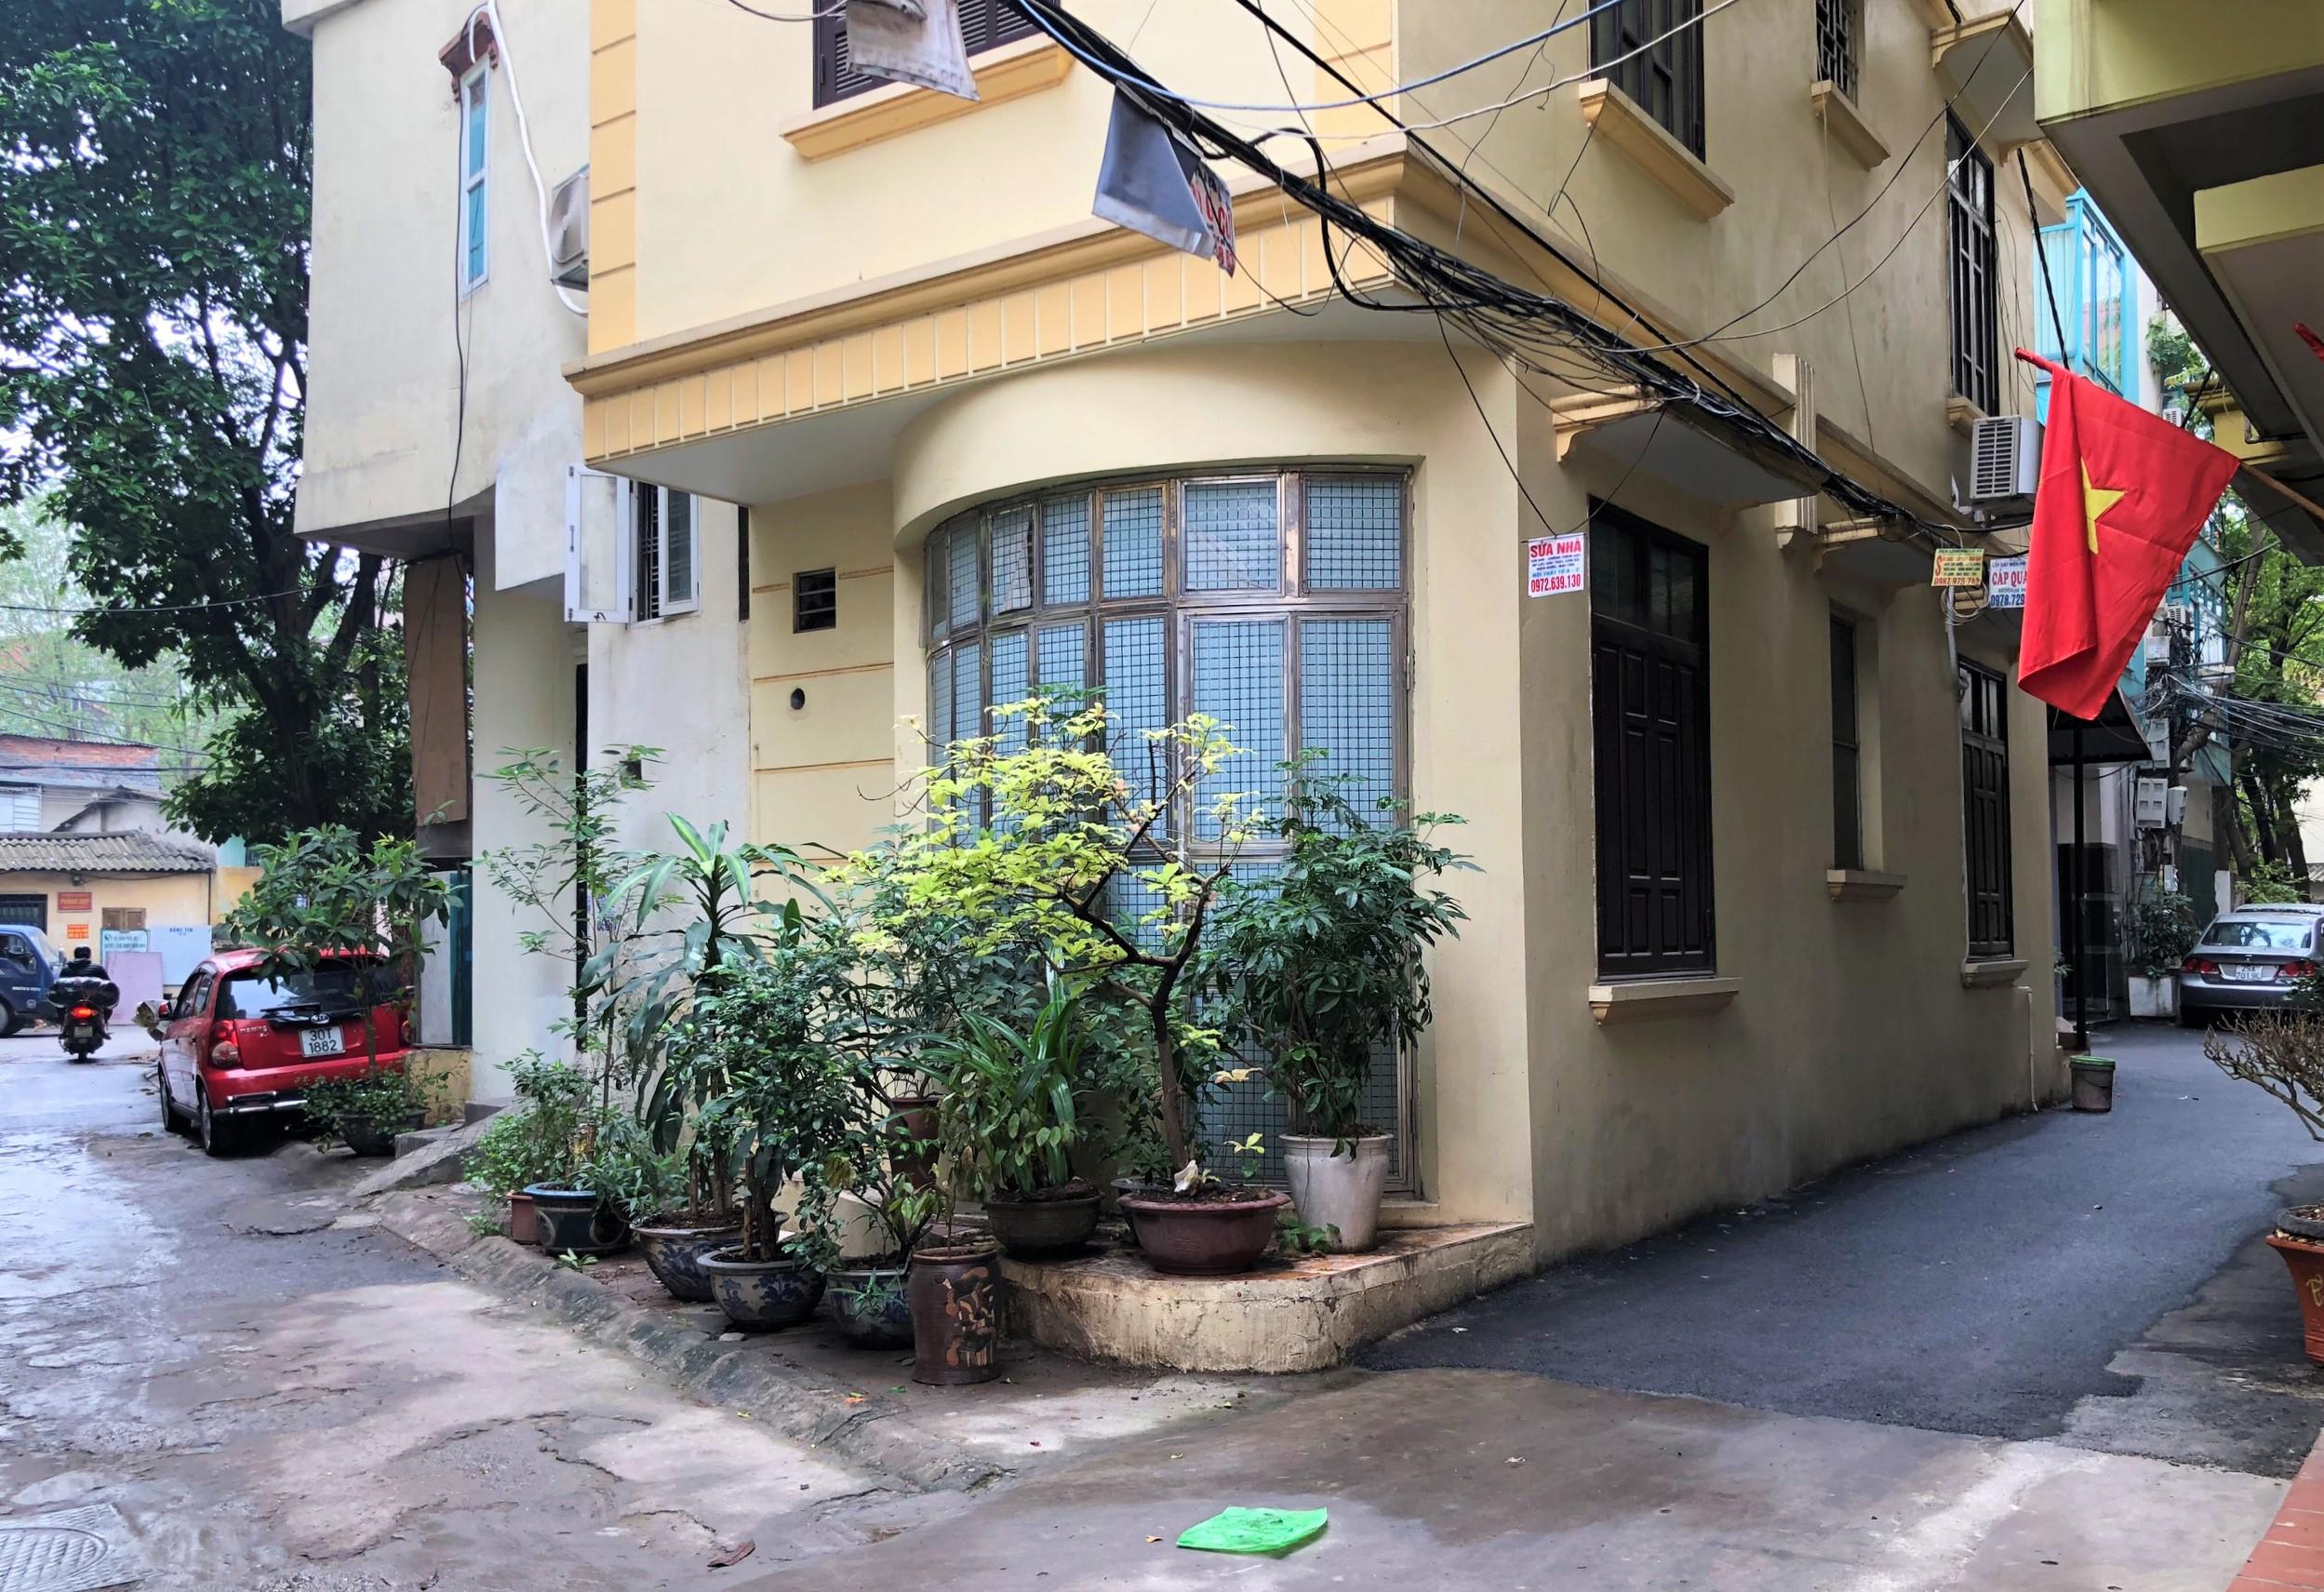 Đường sắp mở theo quy hoạch ở phường Liễu Giai, Ba Đình, Hà Nội (phần 2): Đường nối Đội Cấn - Hoàng Hoa Thám  - Ảnh 6.